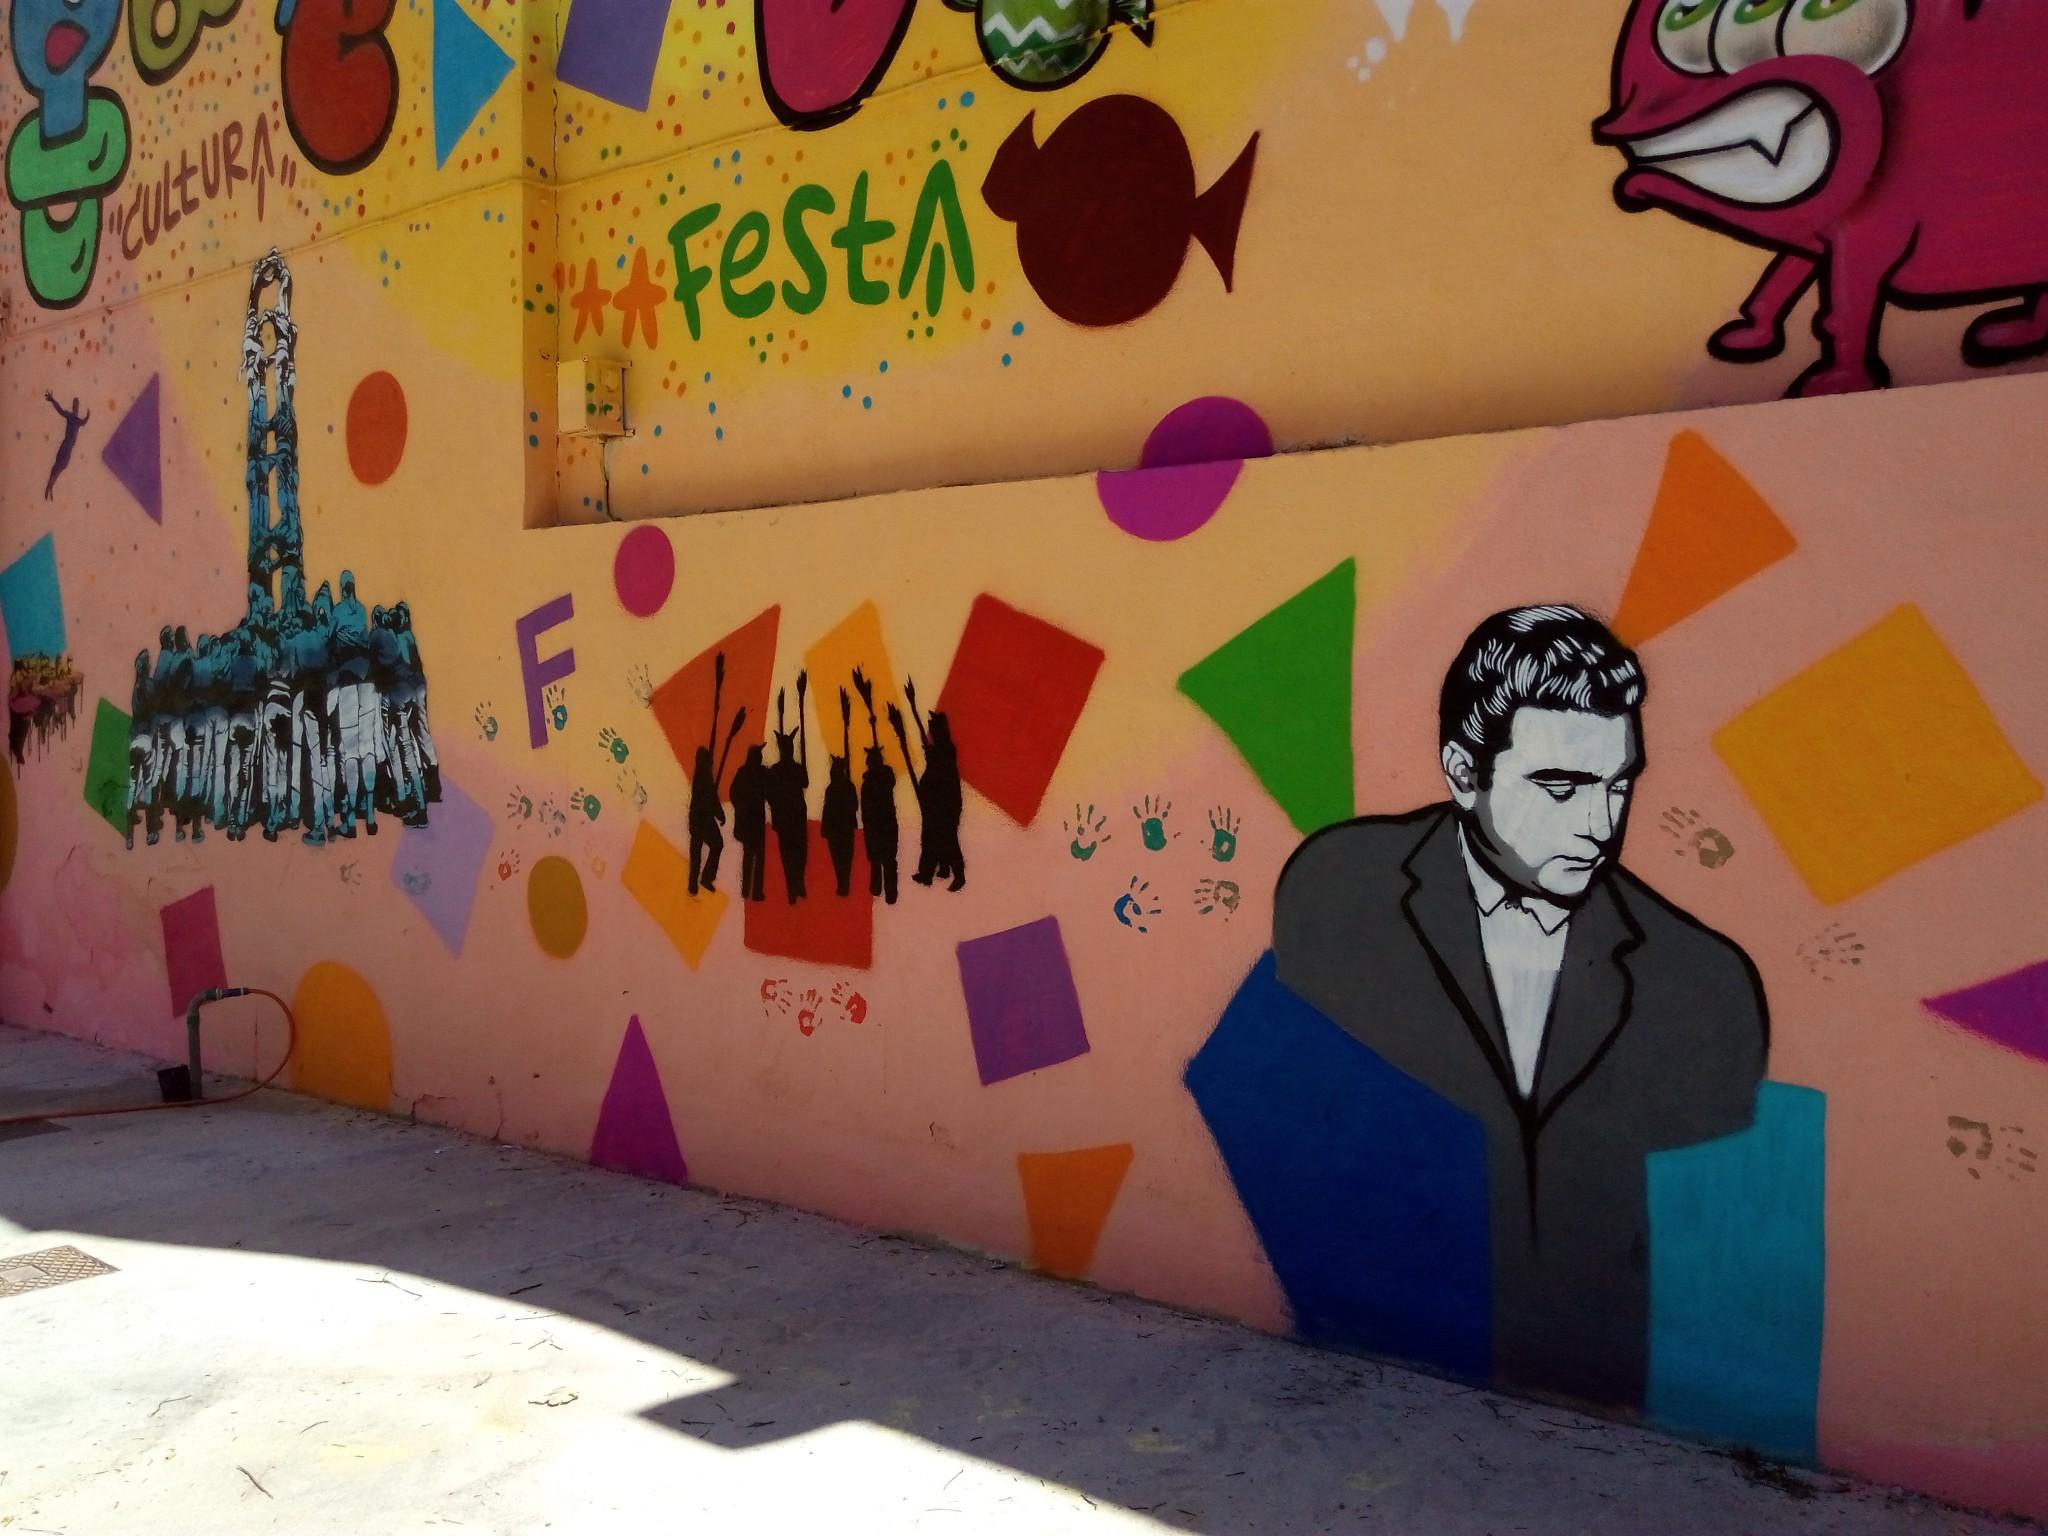 Acidh y otras entidades de gracia se unen para pintar un for Cuanto cobrar por pintar un mural